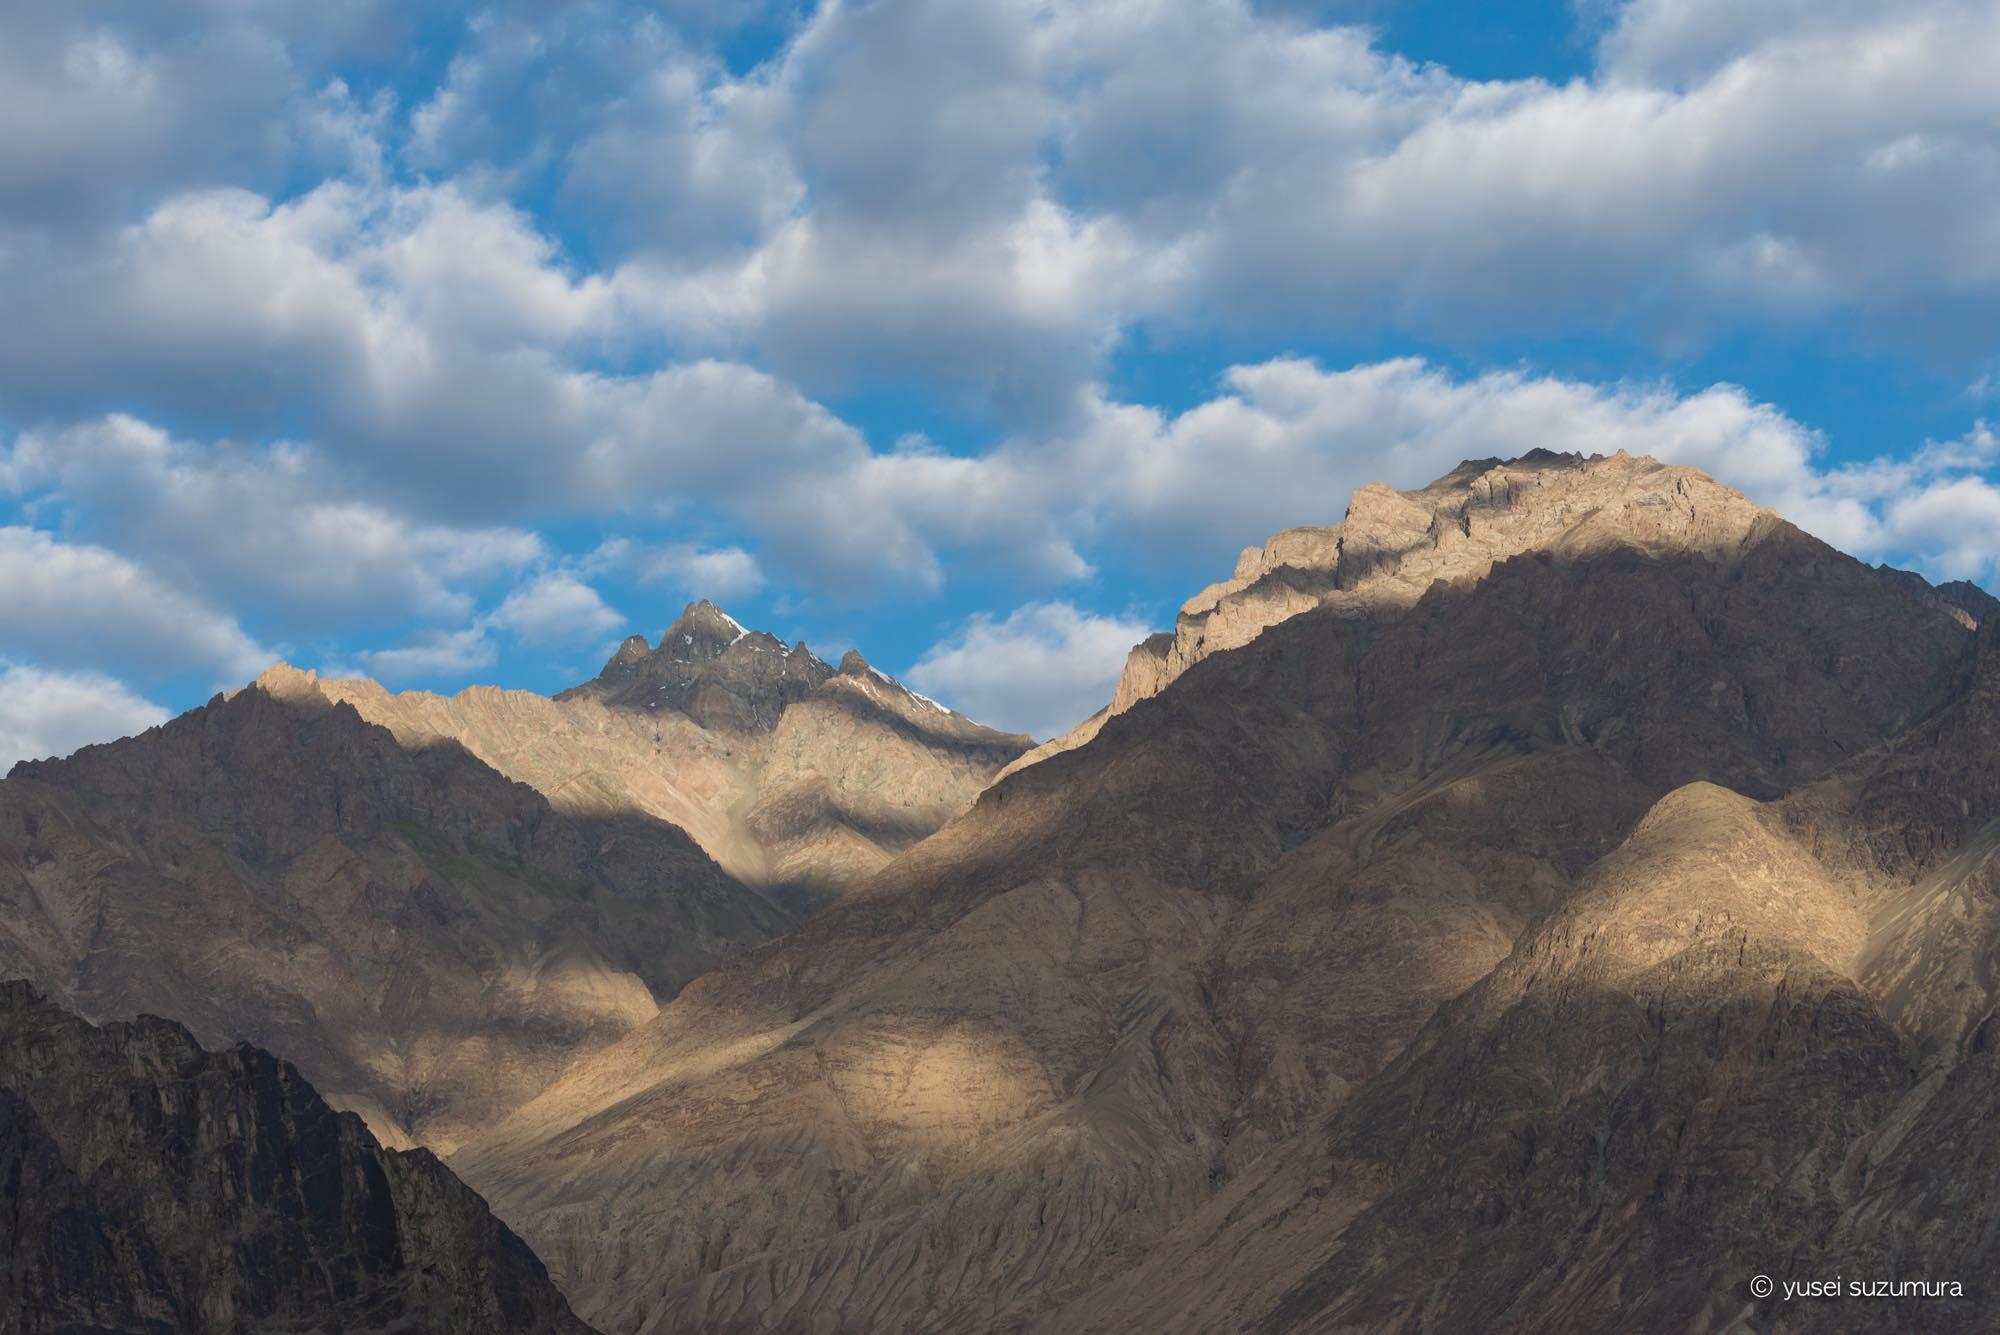 ヌブラ フンダル 山岳